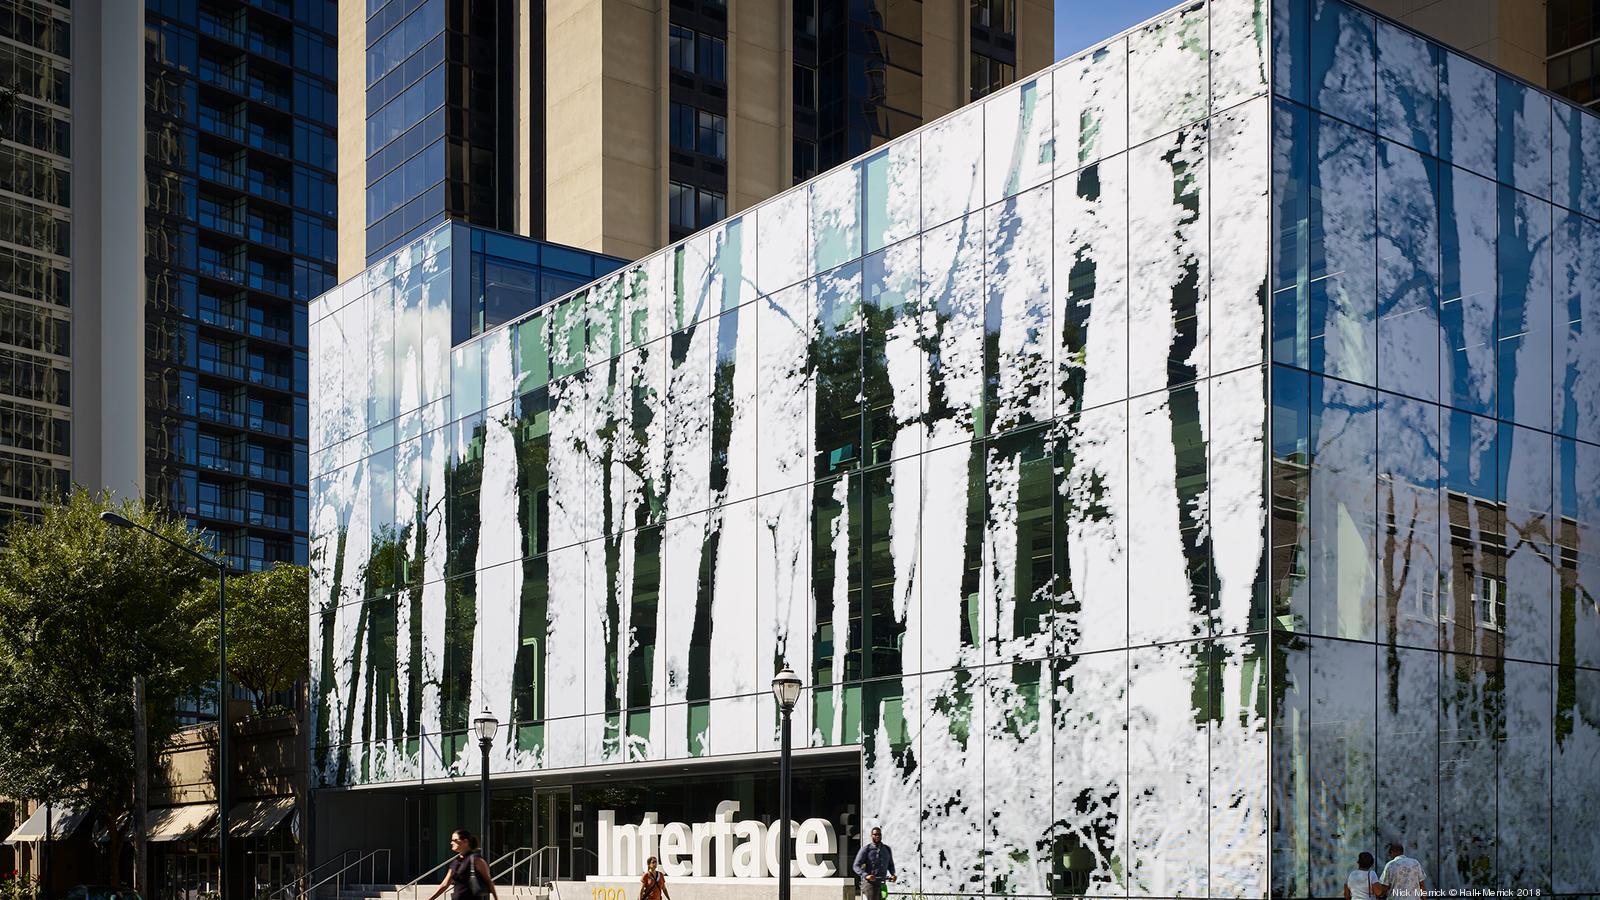 Atlanta Inno Atlanta Architecture Gets Innovative With Biophilic Design